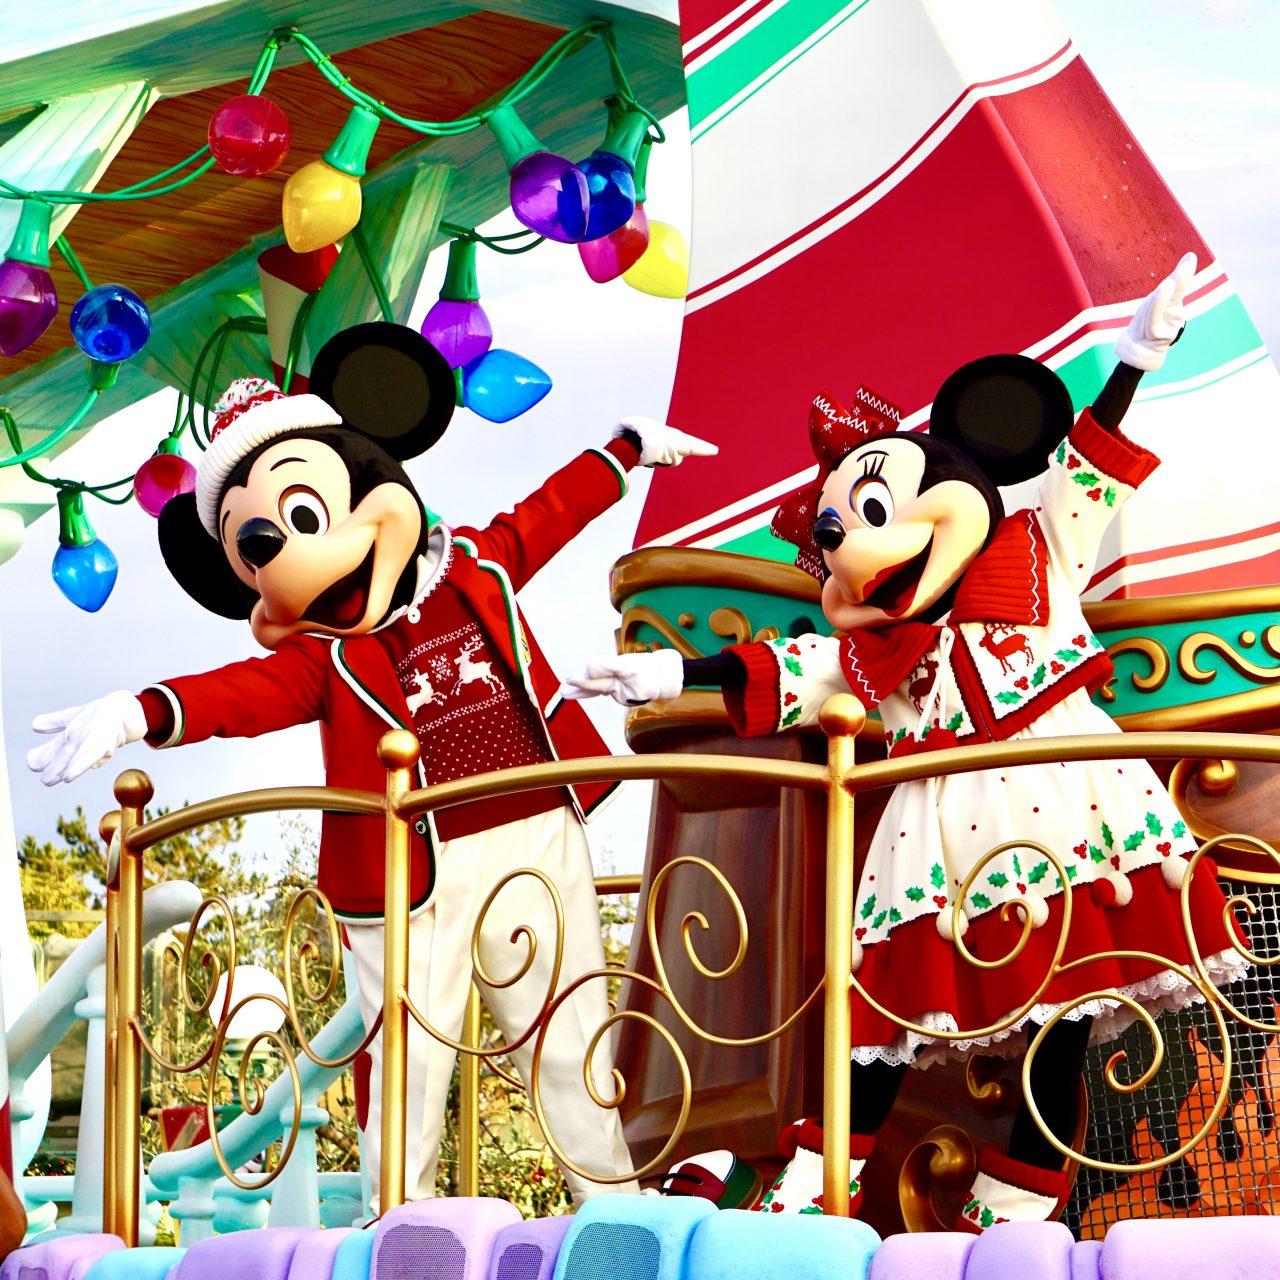 東京ディズニーランド2018ディズニー・クリスマス